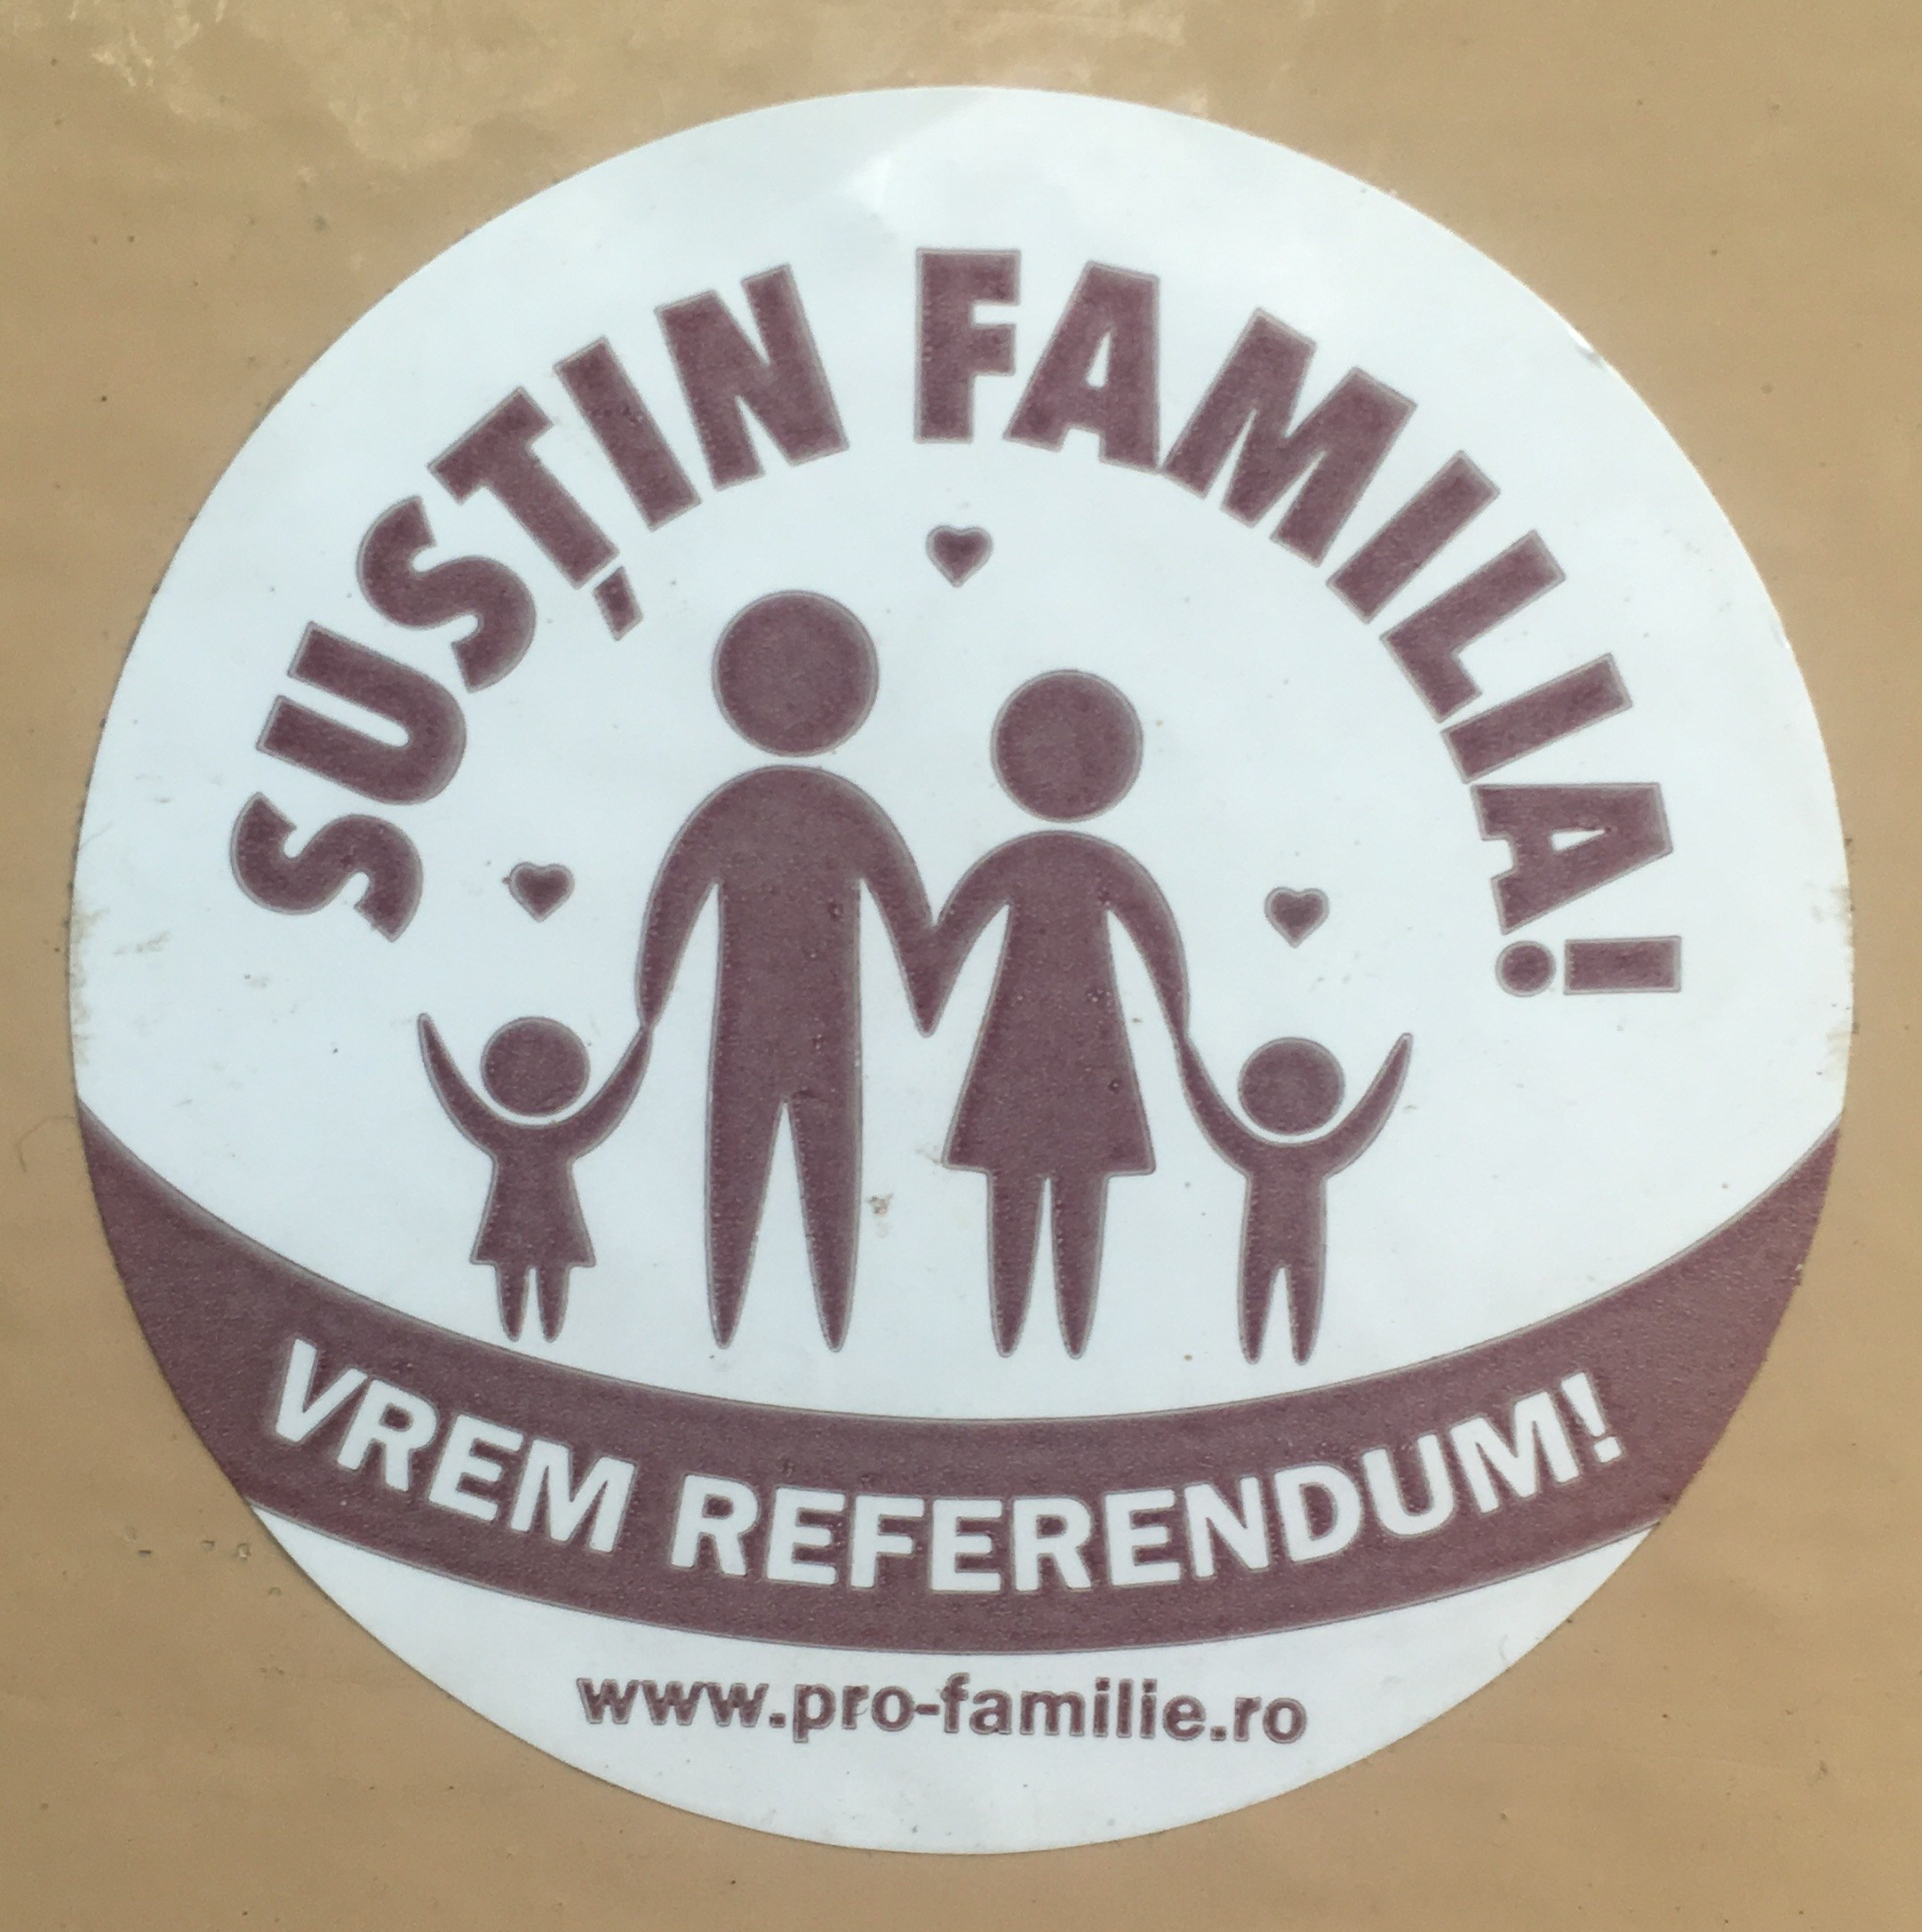 Sustain Famillia